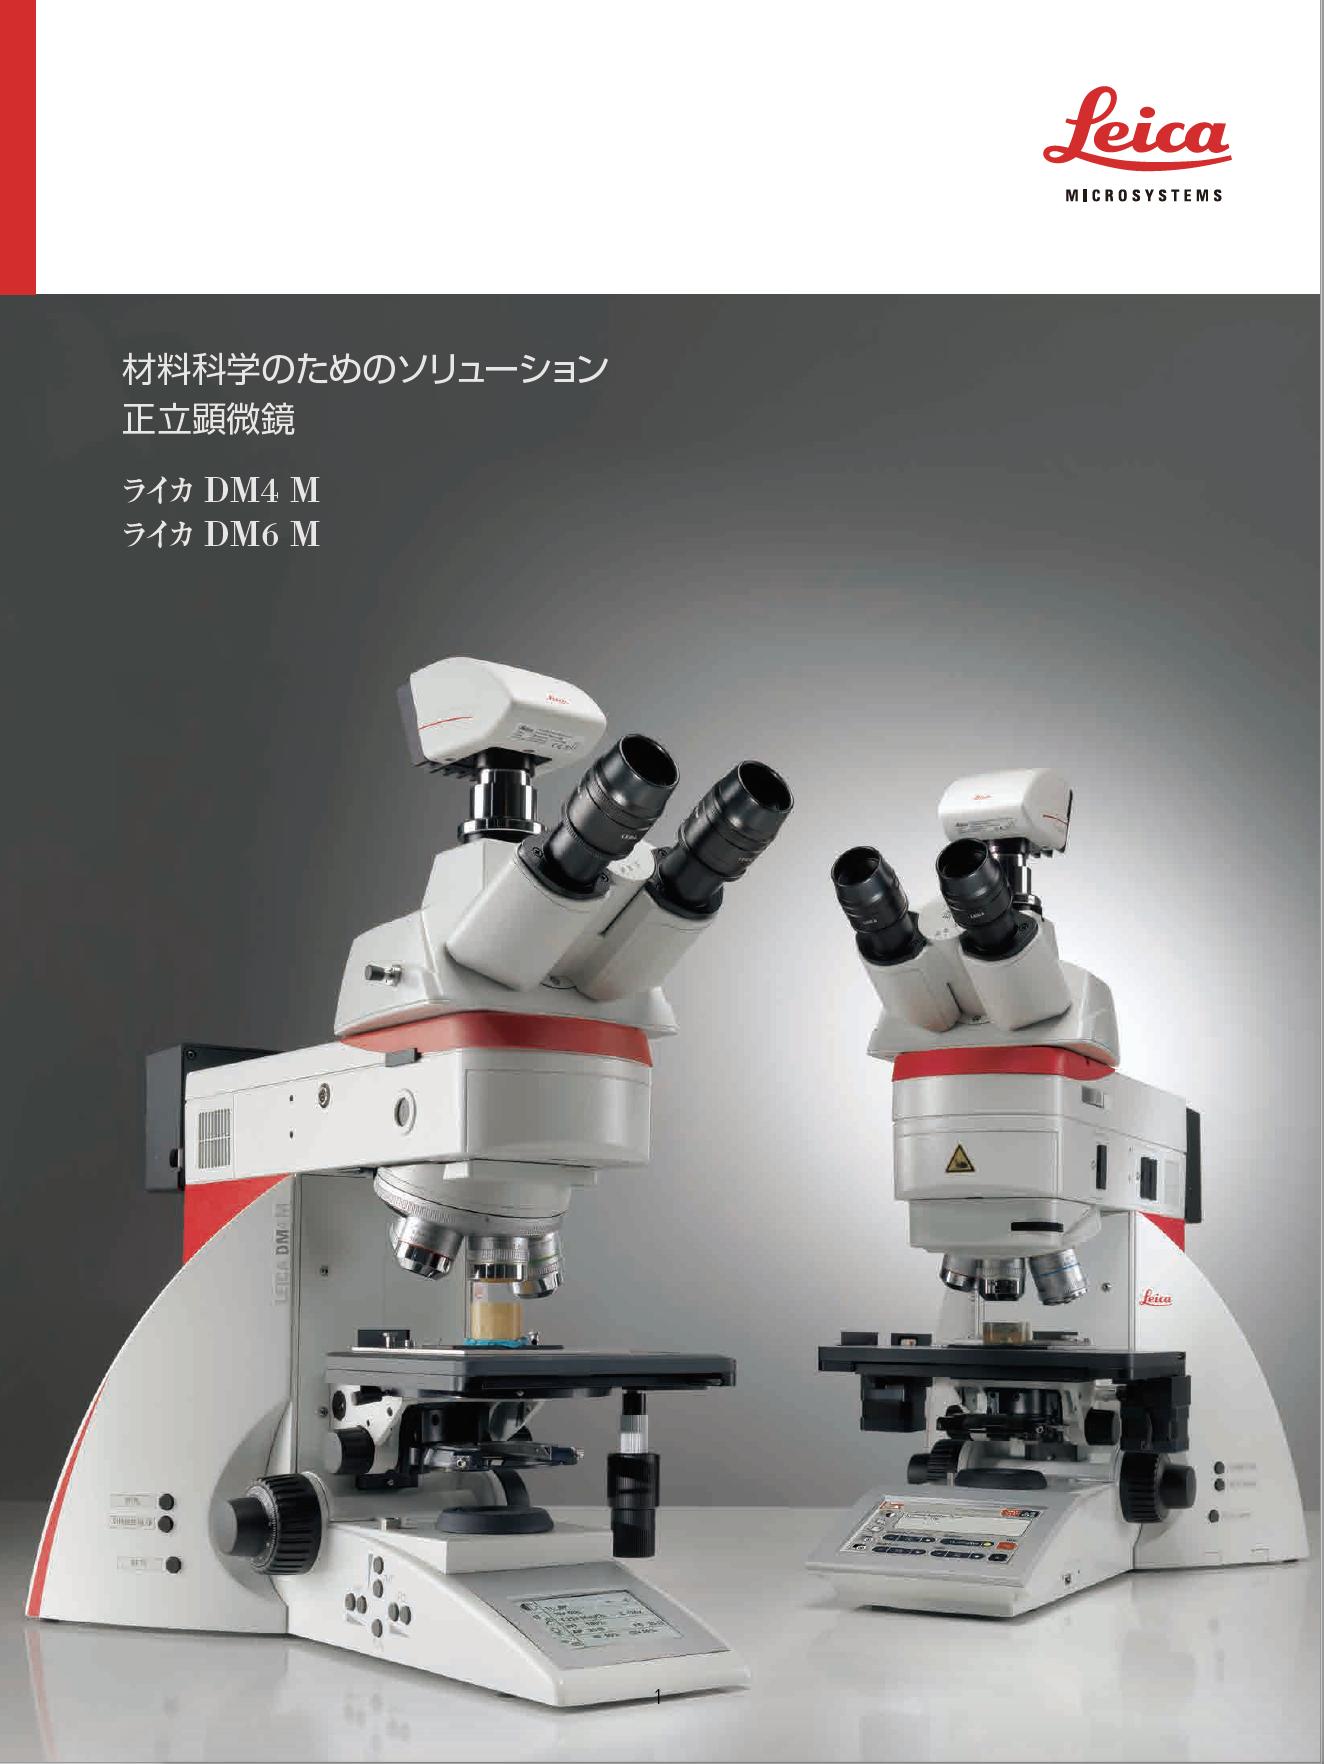 ダウンロード/材料科学用 正立顕微鏡カタログ